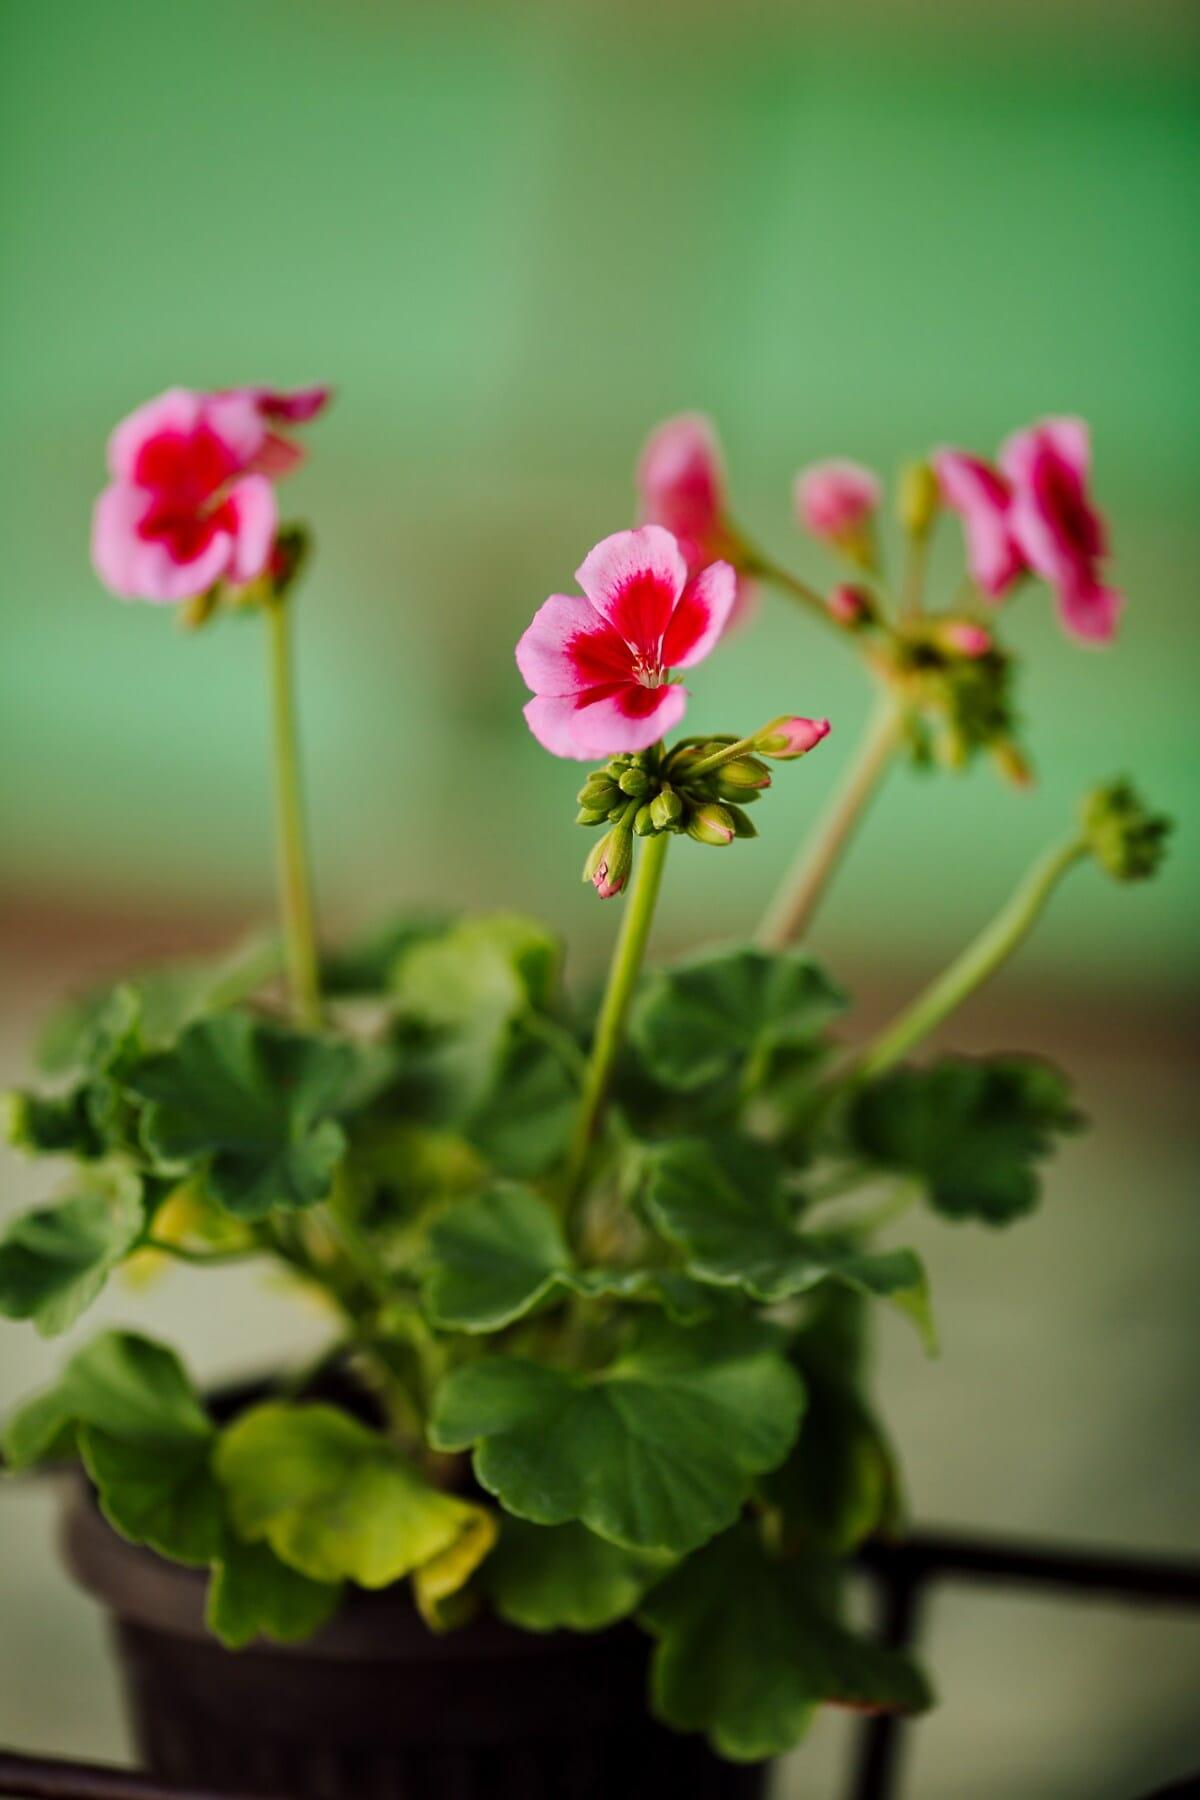 Blumentopf, Geranie, Blütenknospe, Rosa, Anlage, Sommer, Flora, Kraut, Garten, Blume